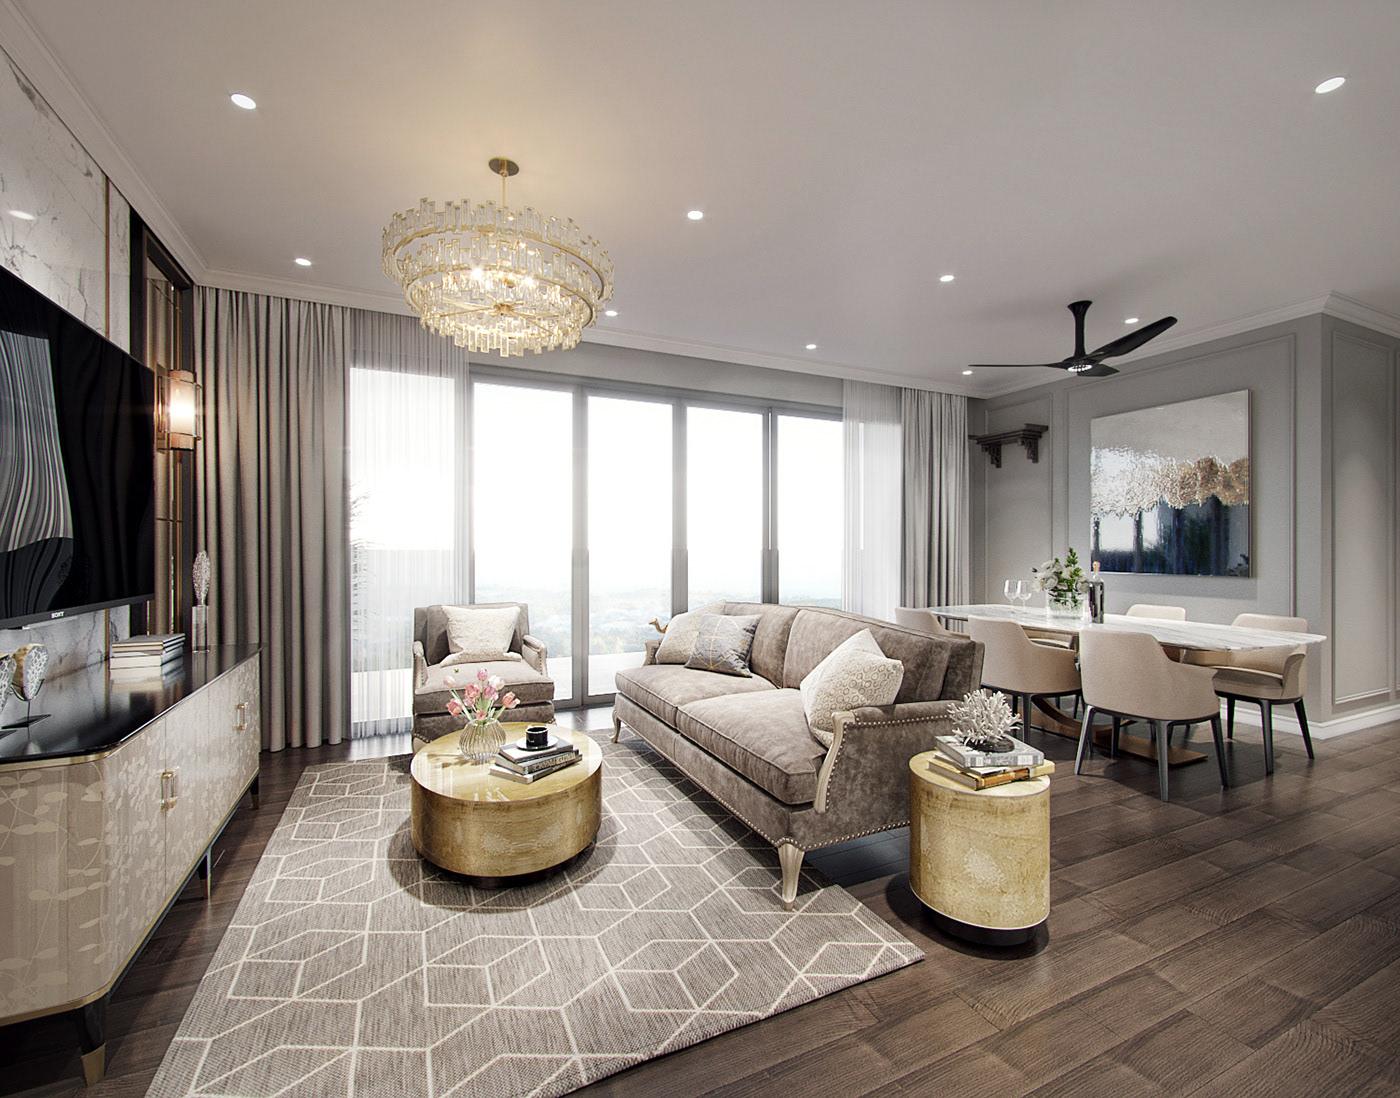 Neoclassical style apartment interior design